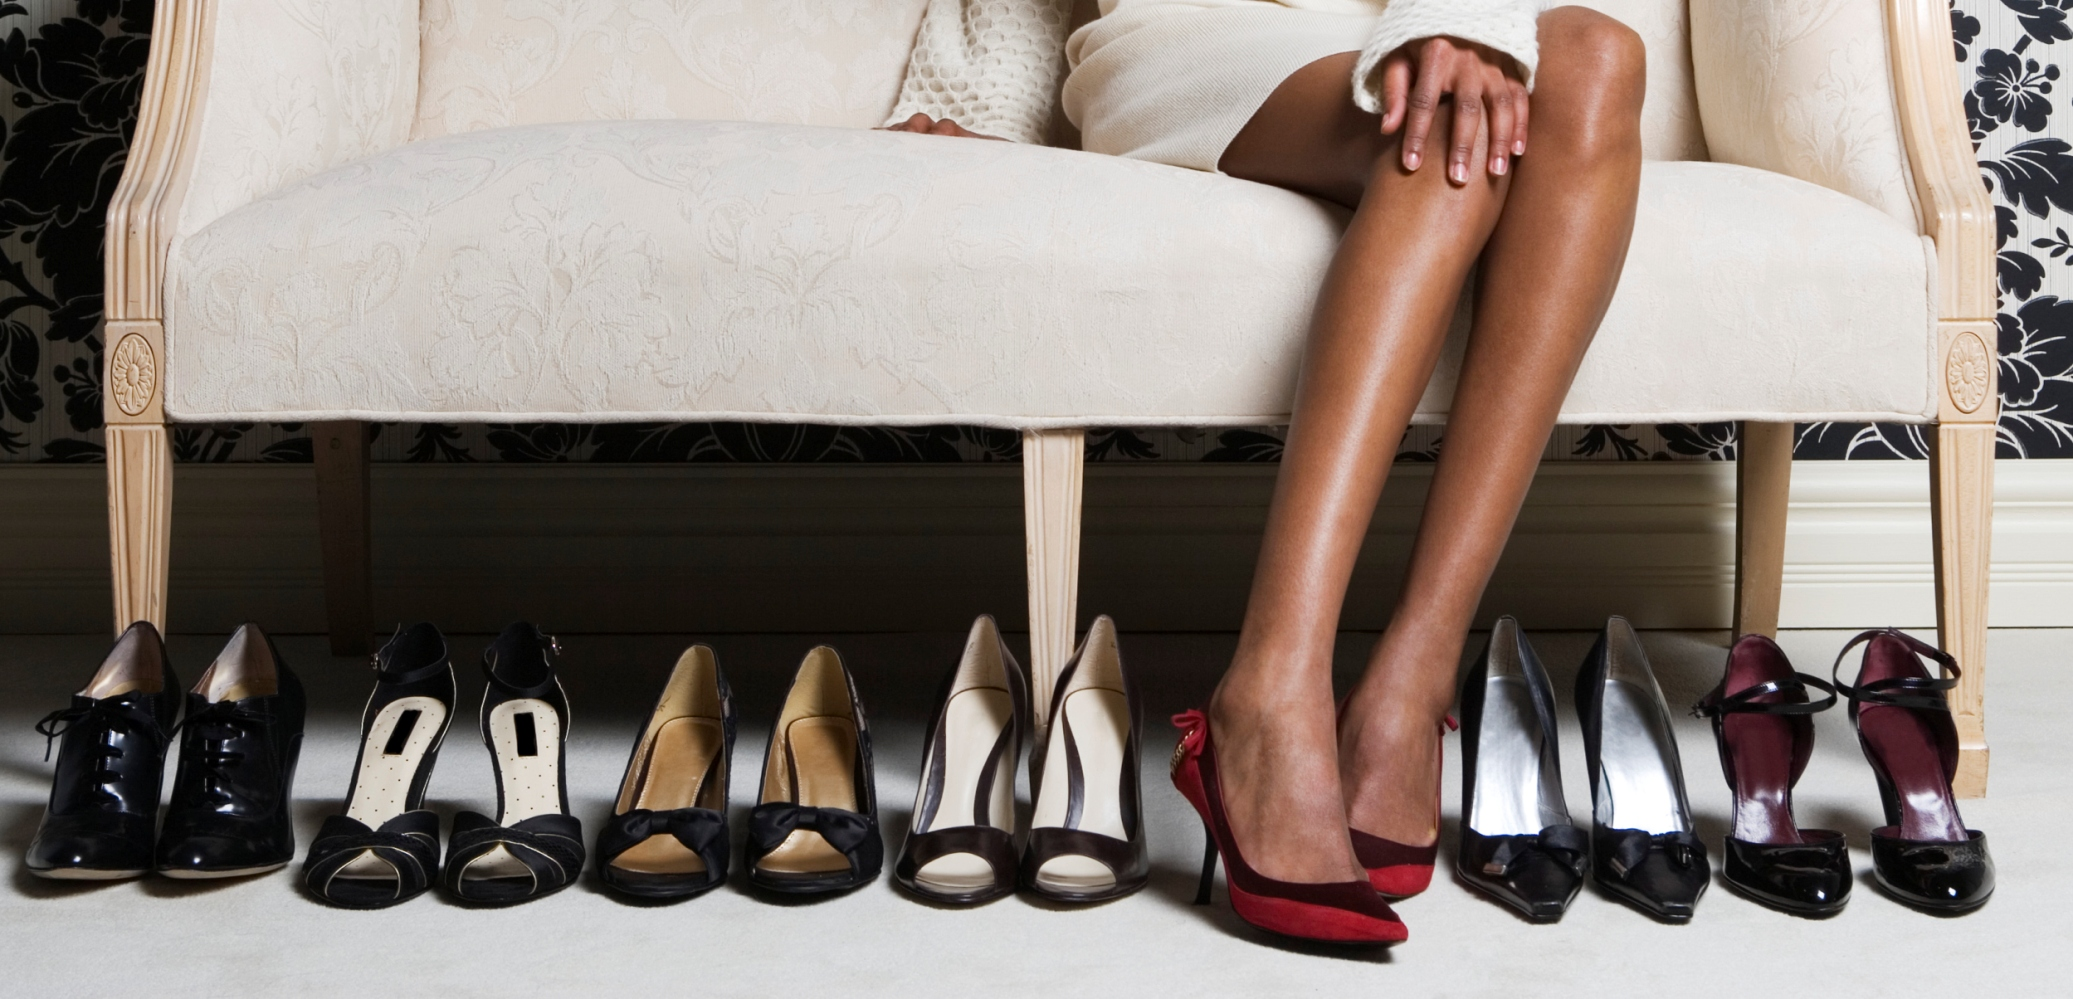 Rüyada Mağazada Büyük Ayakkabı Giydiğini Görmek